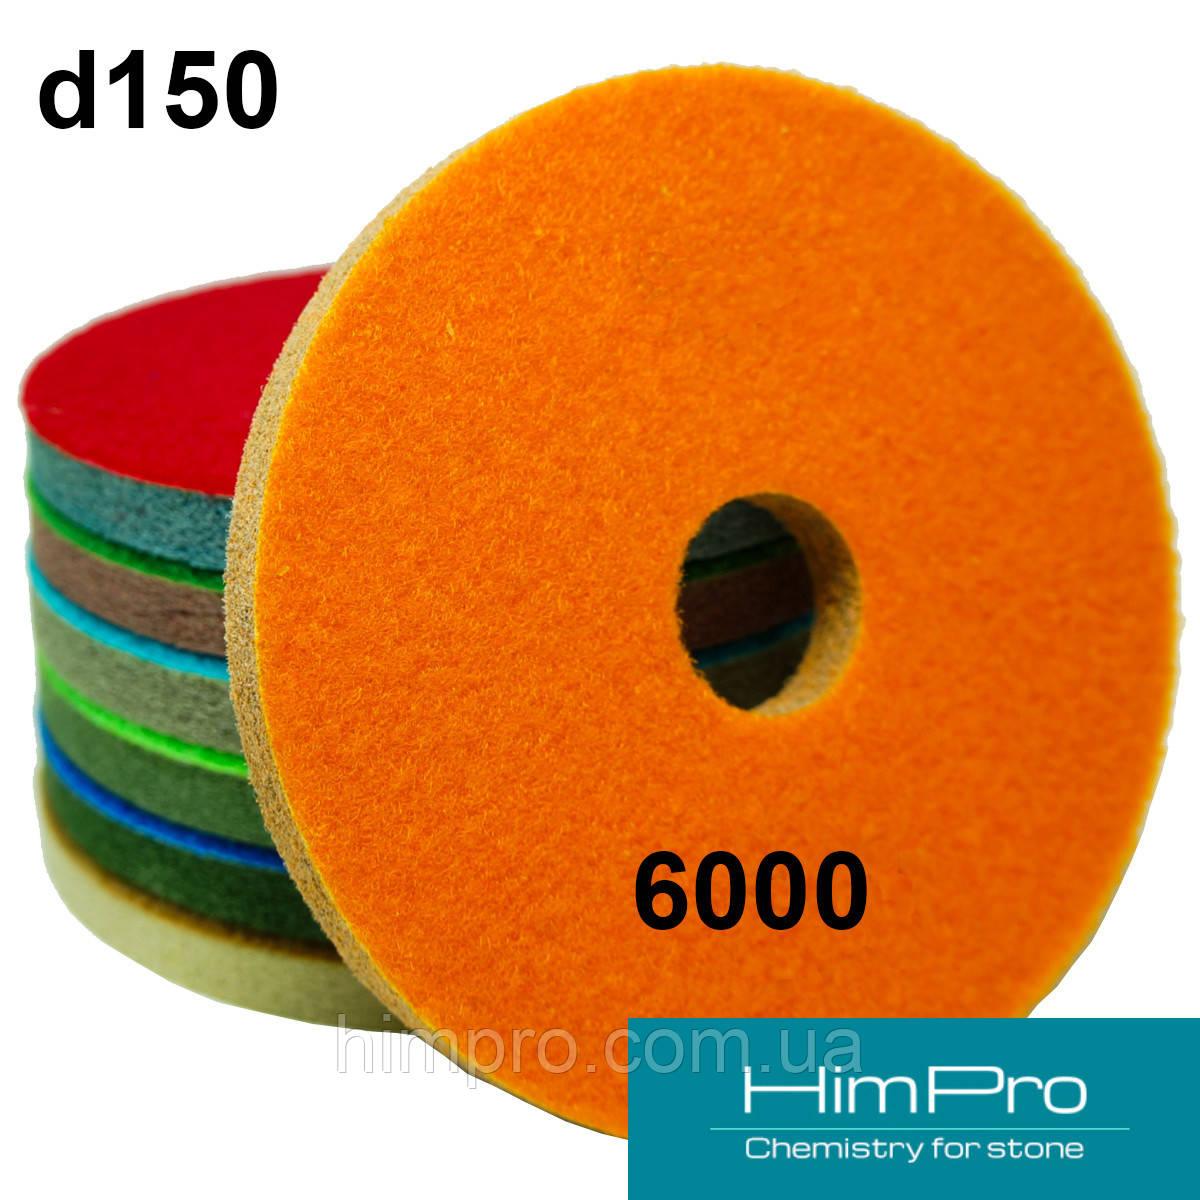 Алмазные спонжи d150 C6000